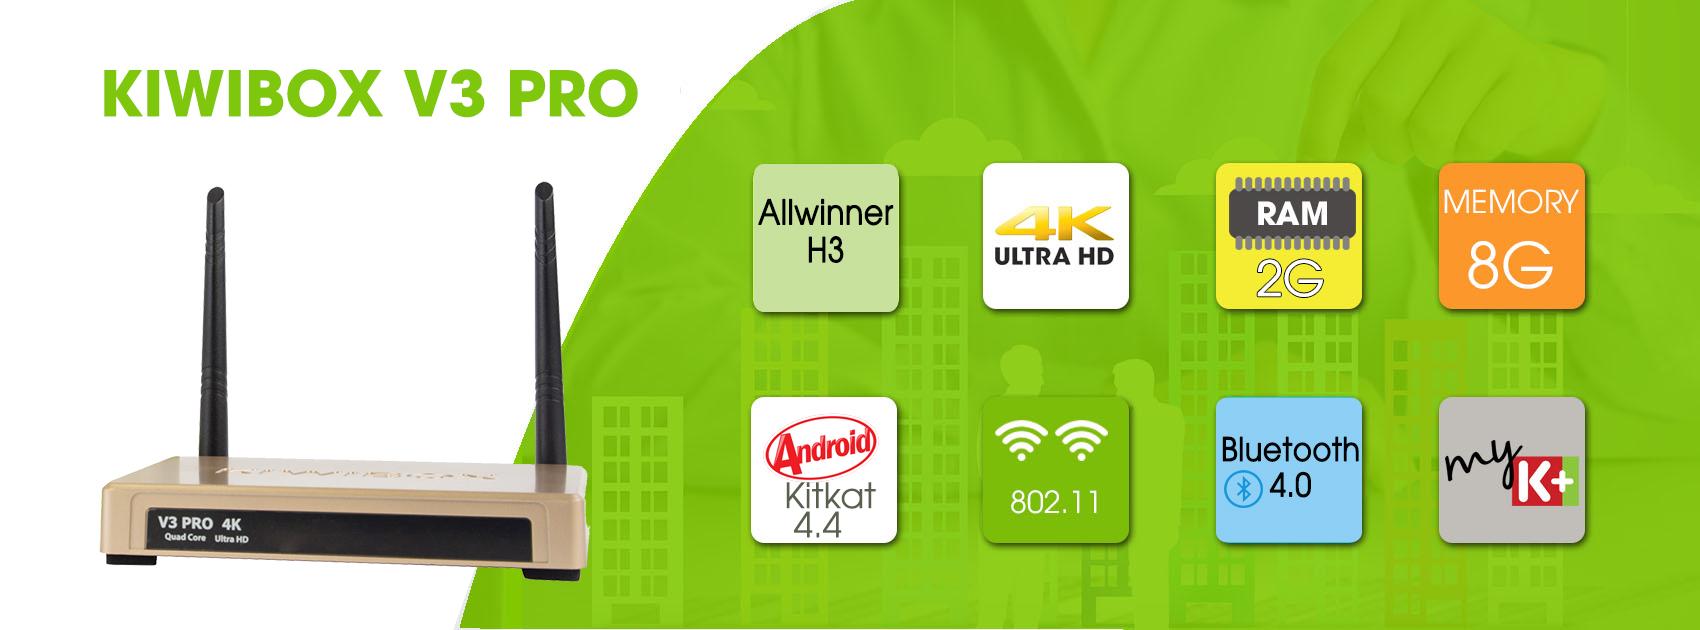 TIVI BOX KIWI V3 PRO - HÀNG CHÍNH HÃNG RAM2GB , Bluetooth 4.0